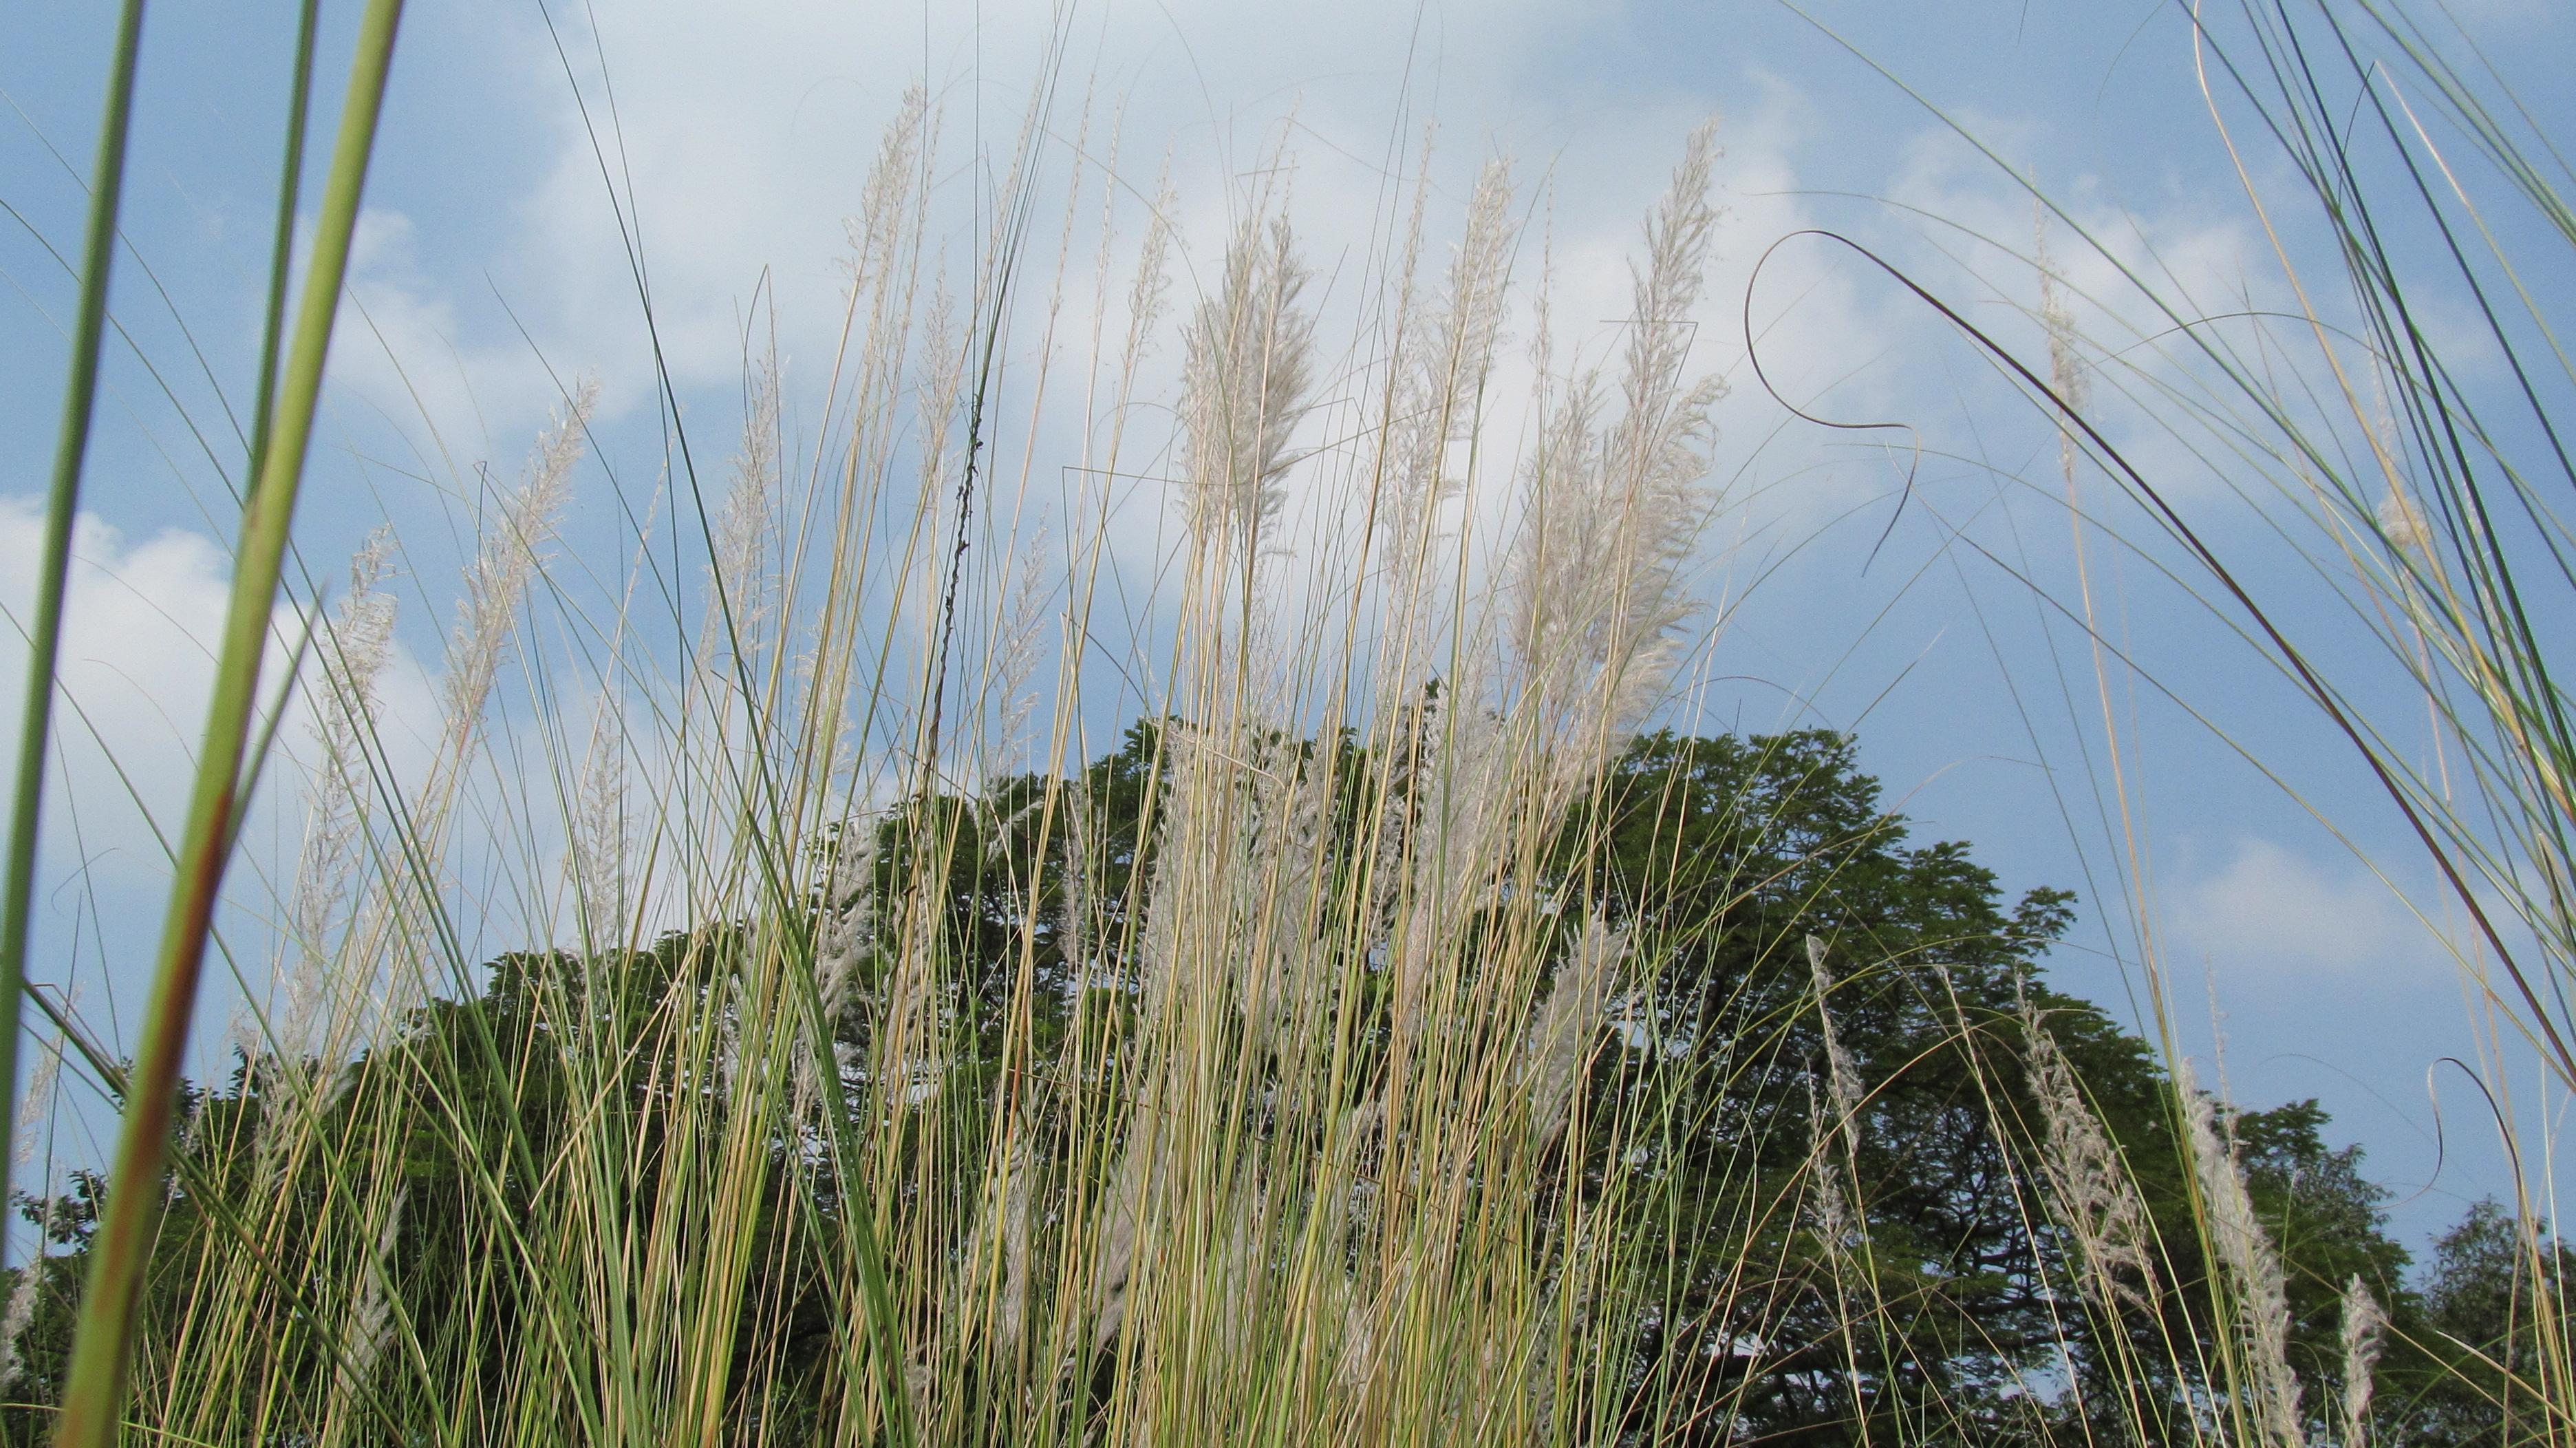 Wild grass photo